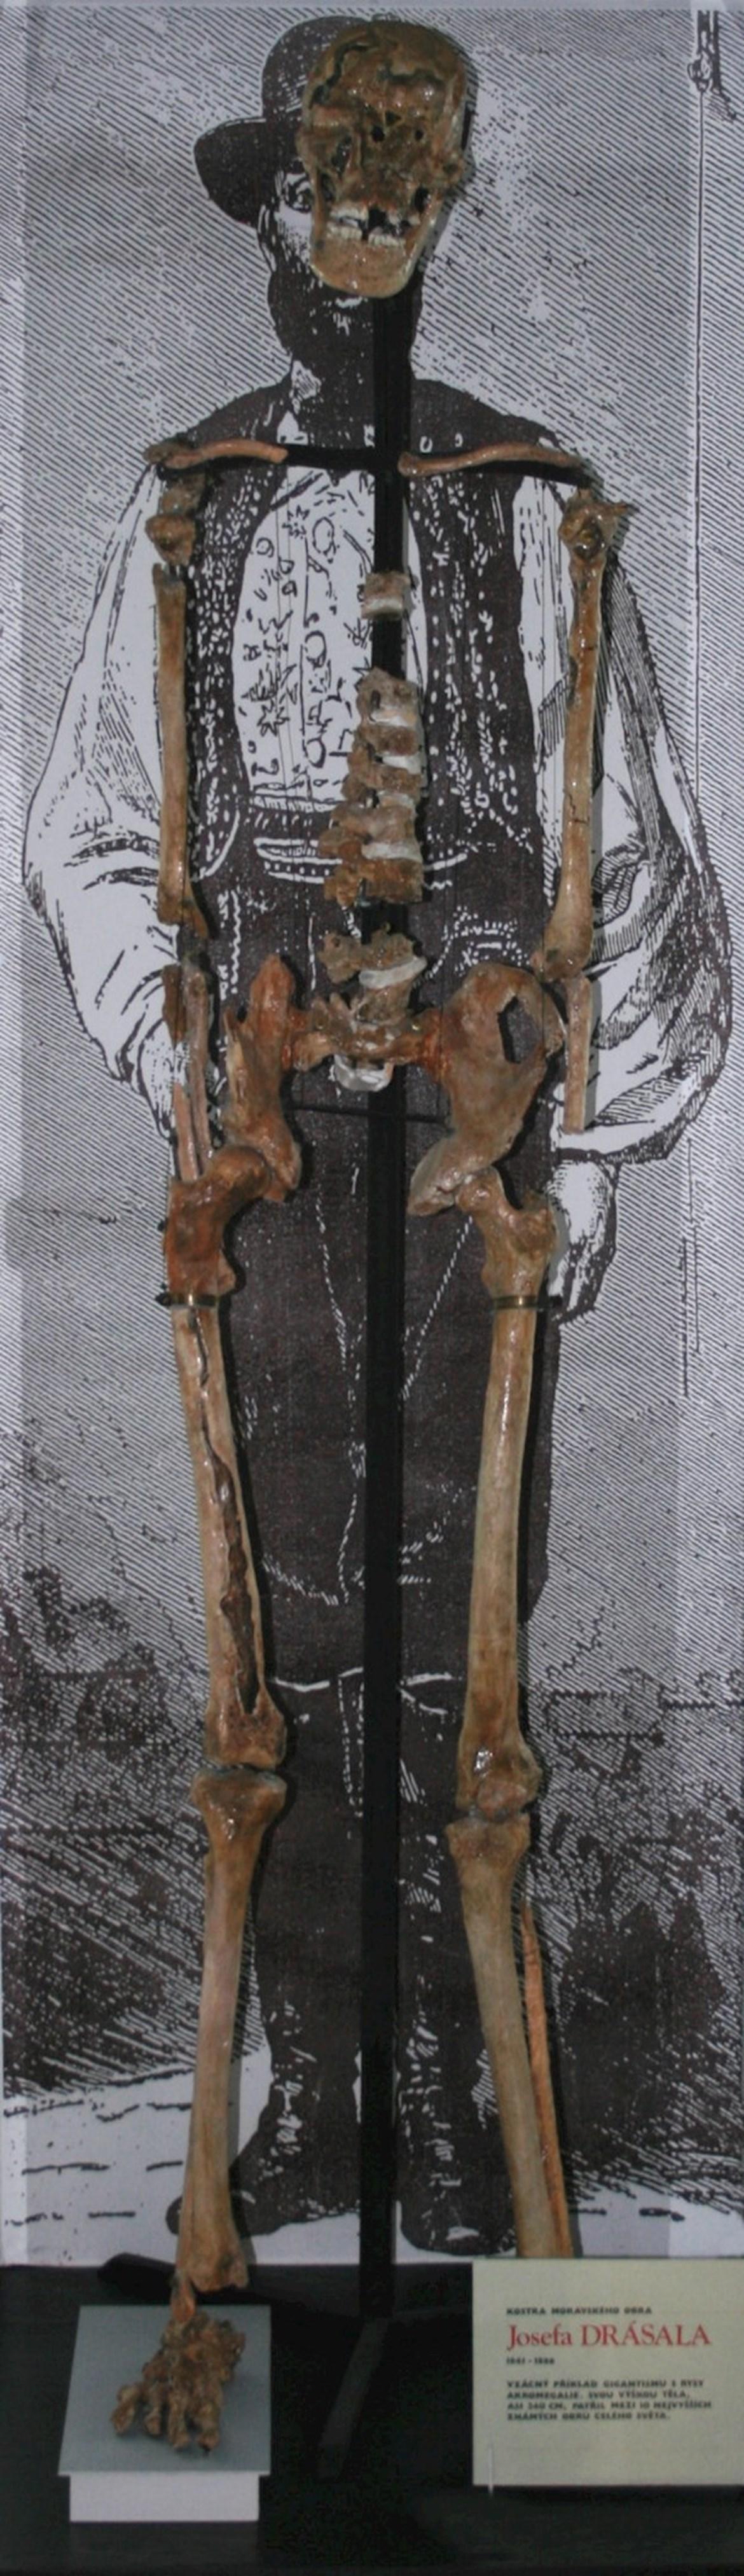 Kopie kostry moravského obra Josefa Drásala (výška 240 cm)